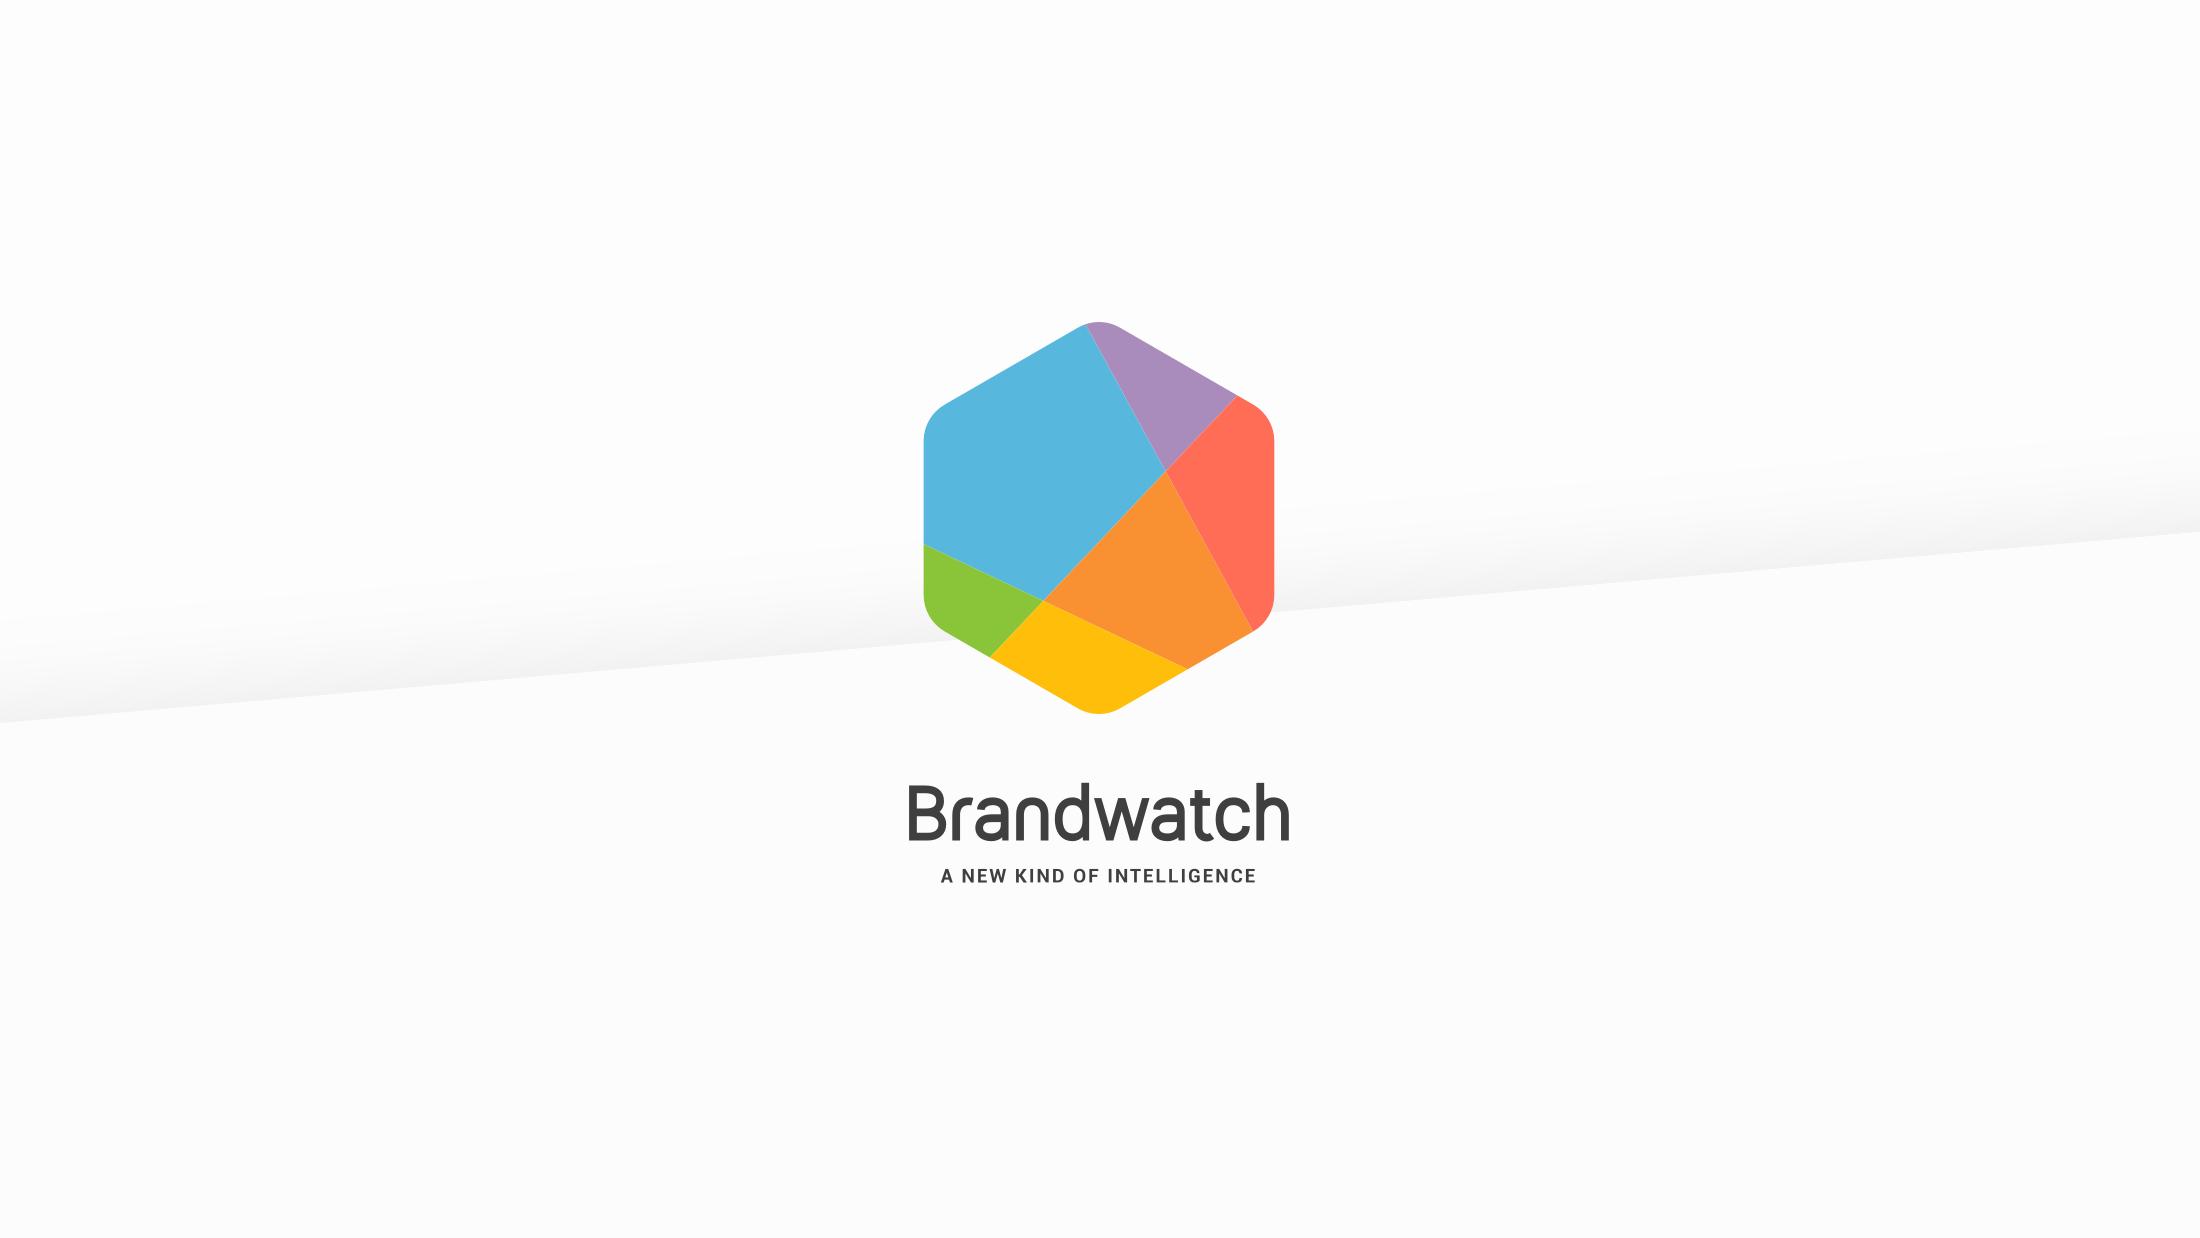 Interview: Brandwatch's Chief Design Officer Katja Garrood on Our.